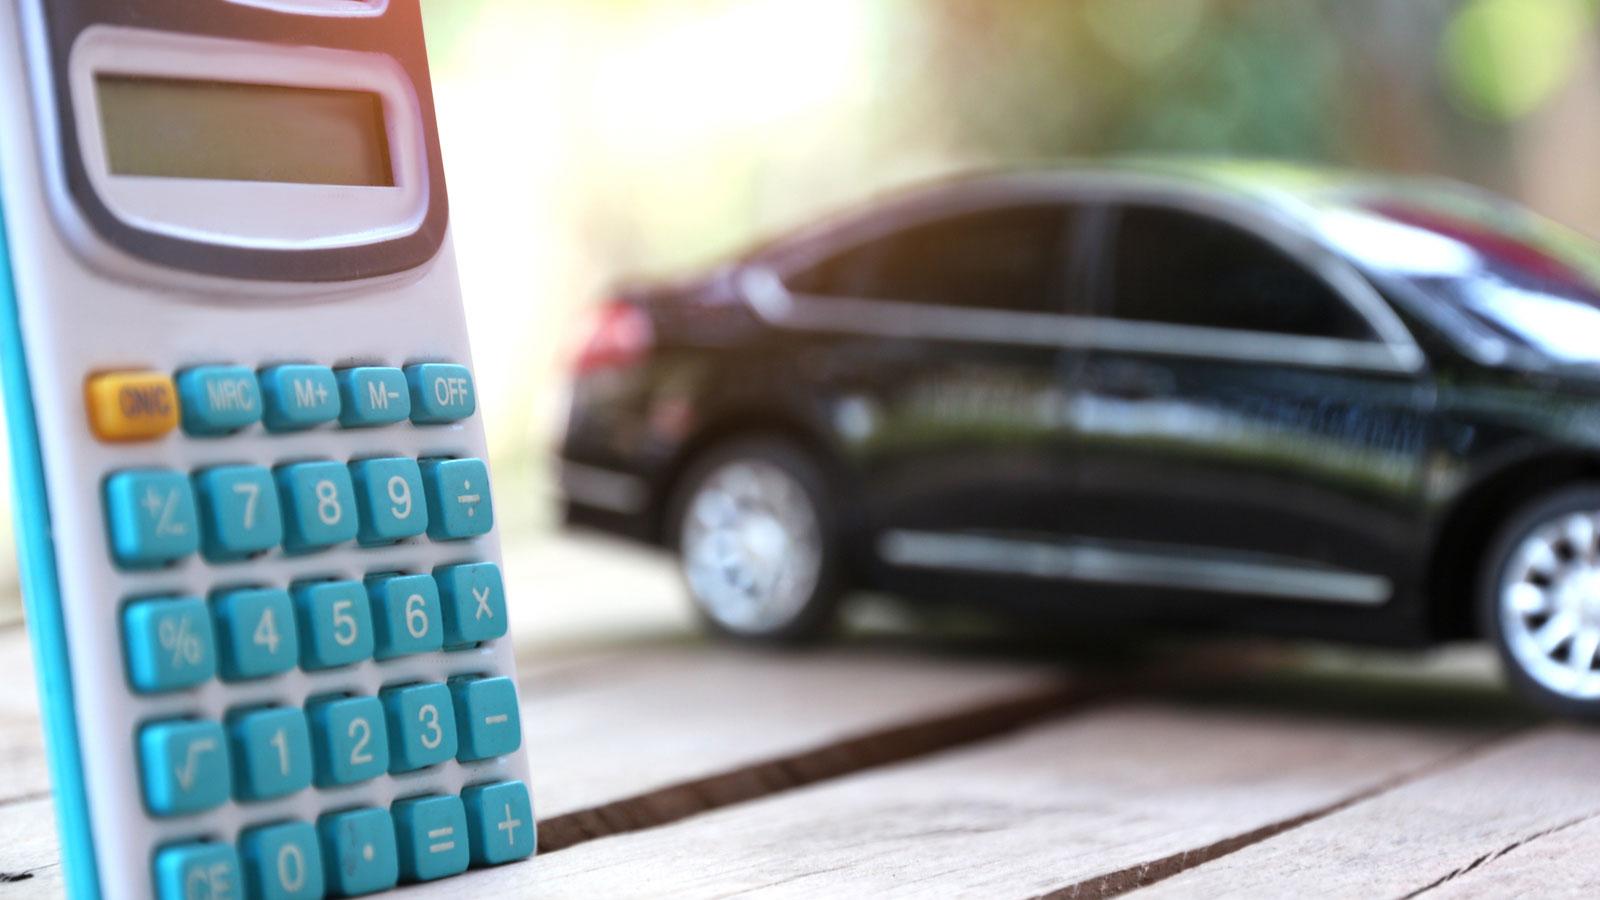 авто в кредит советы взять кредит с плохой кредитной историей и открытыми кредитами